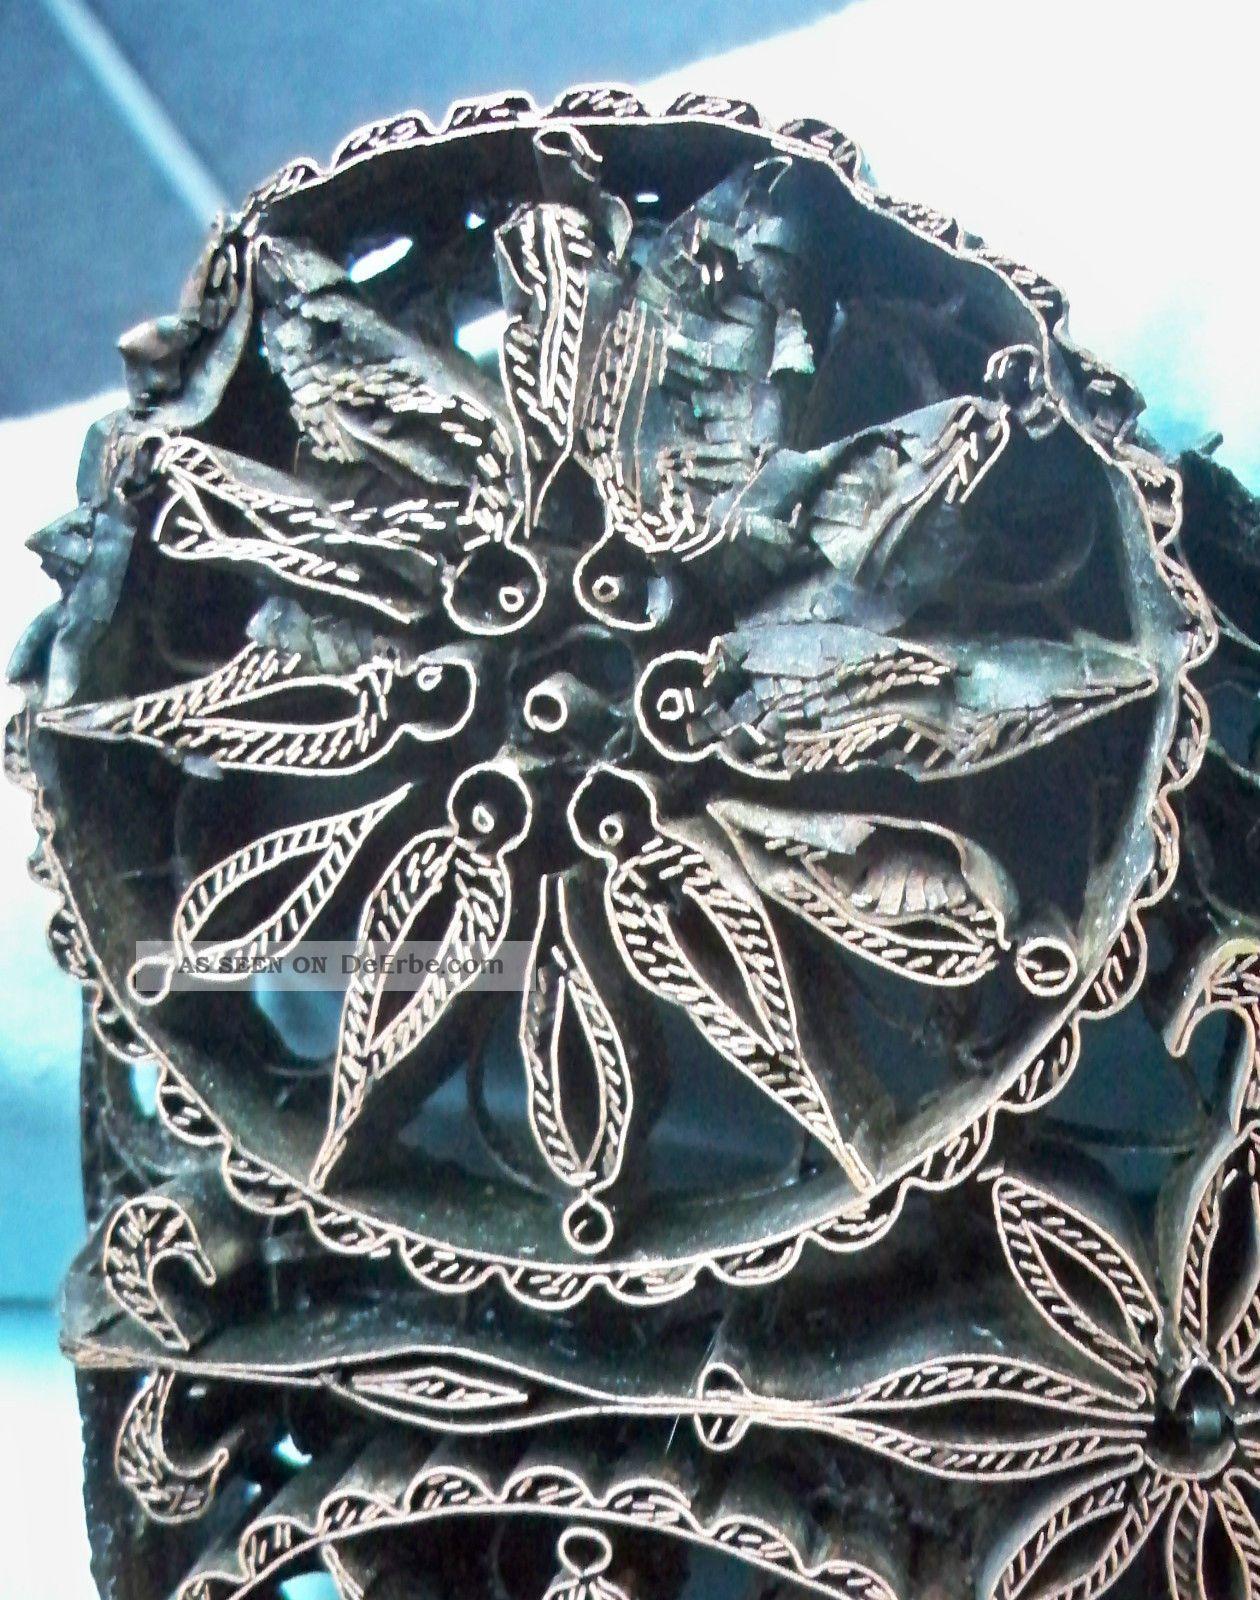 formen guss jugendstil ornamente metall stempel druck. Black Bedroom Furniture Sets. Home Design Ideas